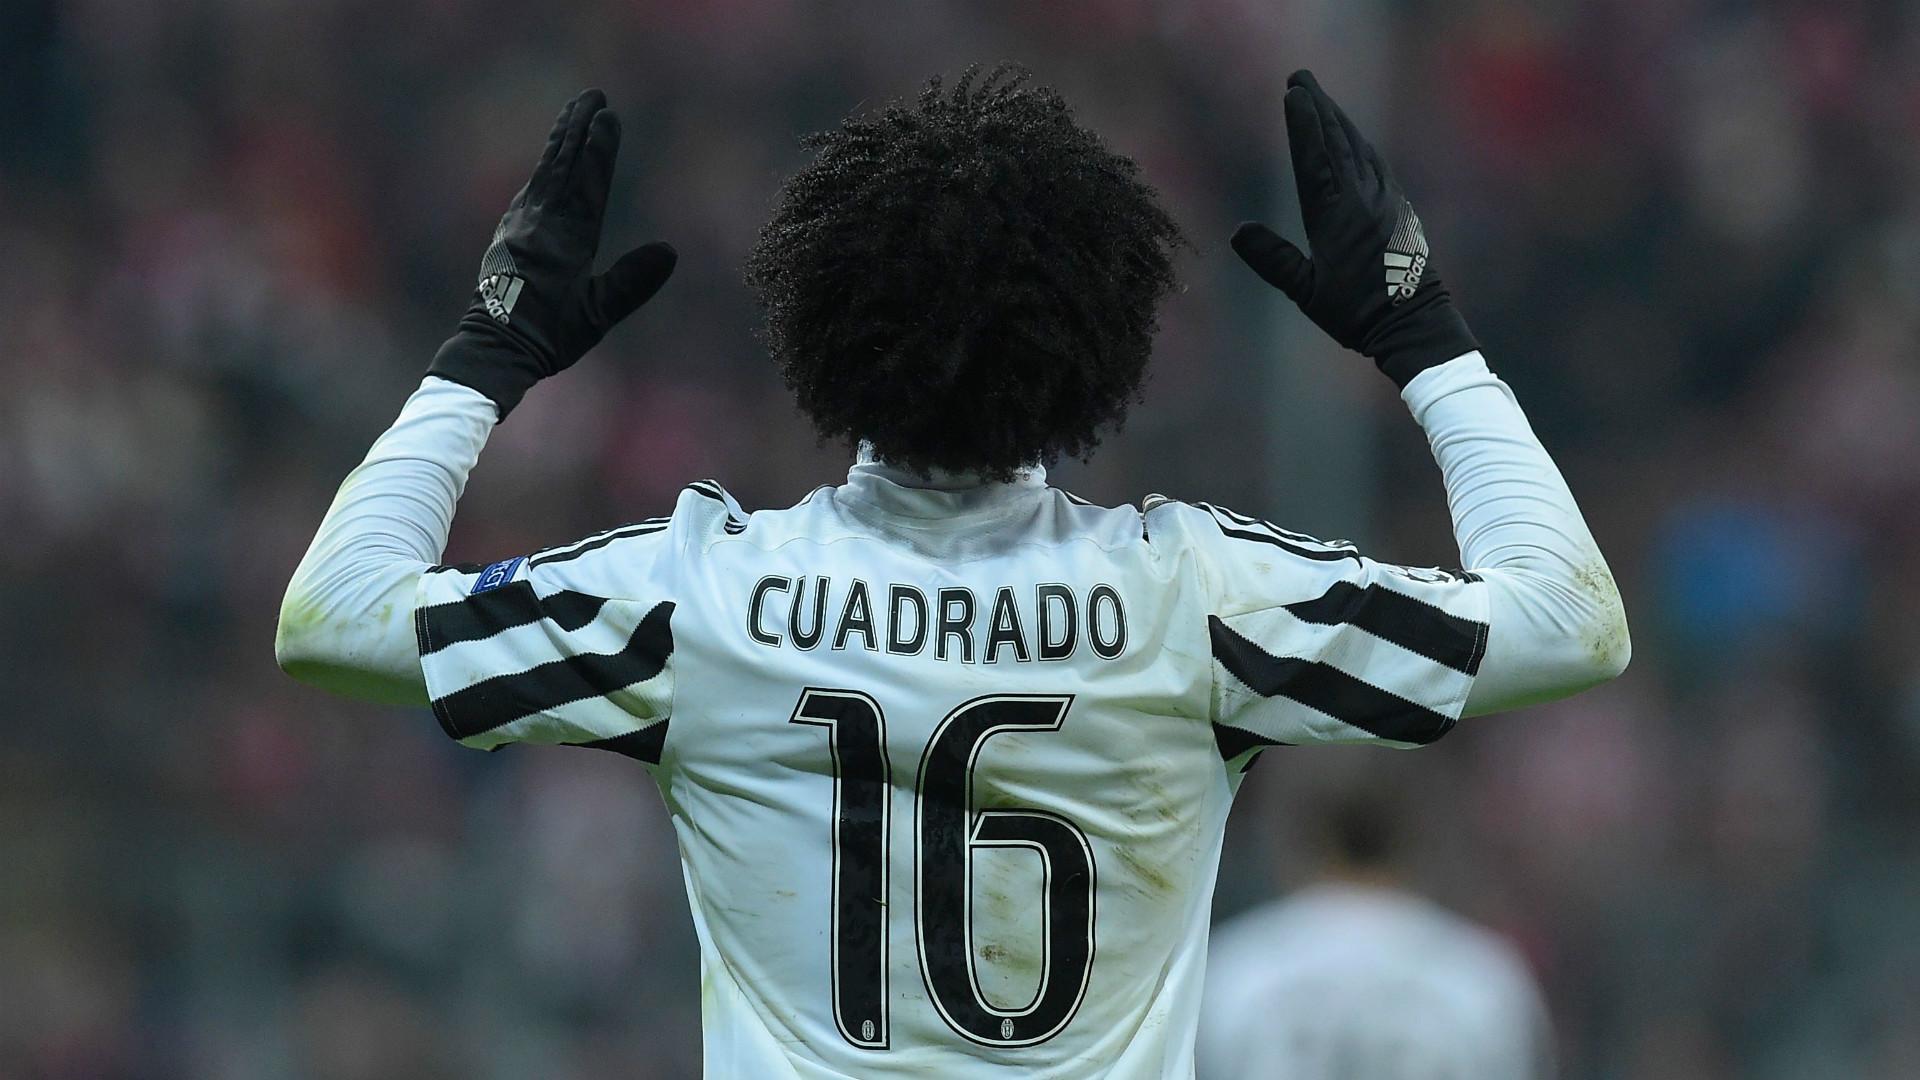 Cuadrado torna alla Juventus, ma cambia numero: dal 16 al 7 | Goal.com